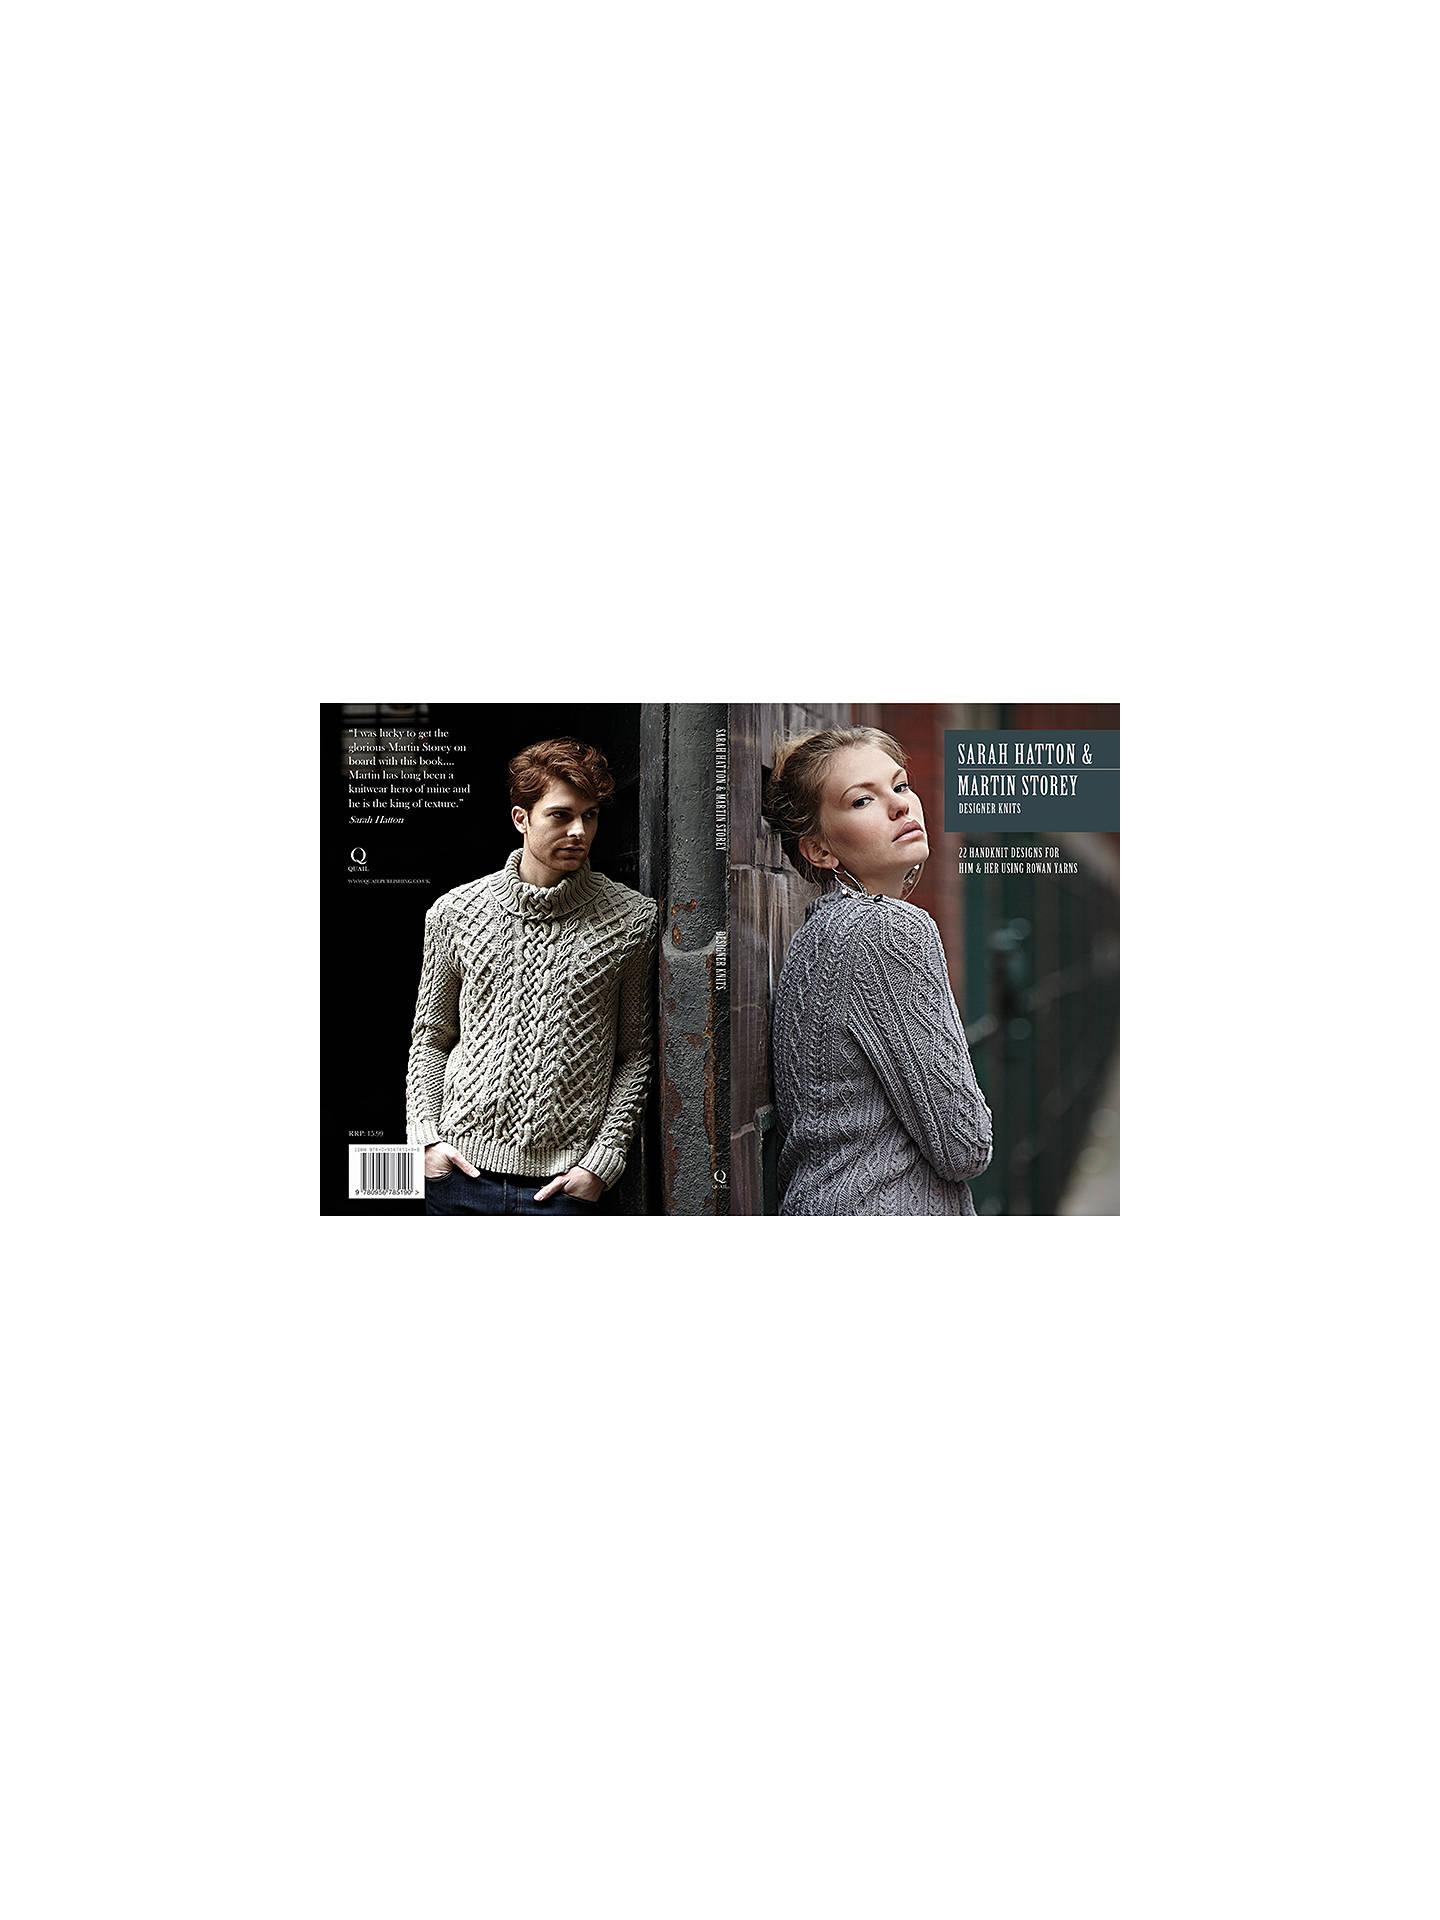 a3c973c303b70 ... Buy Rowan Designer Knits by Sarah Hatton   Martin Storey Knitting  Pattern Book Online at johnlewis